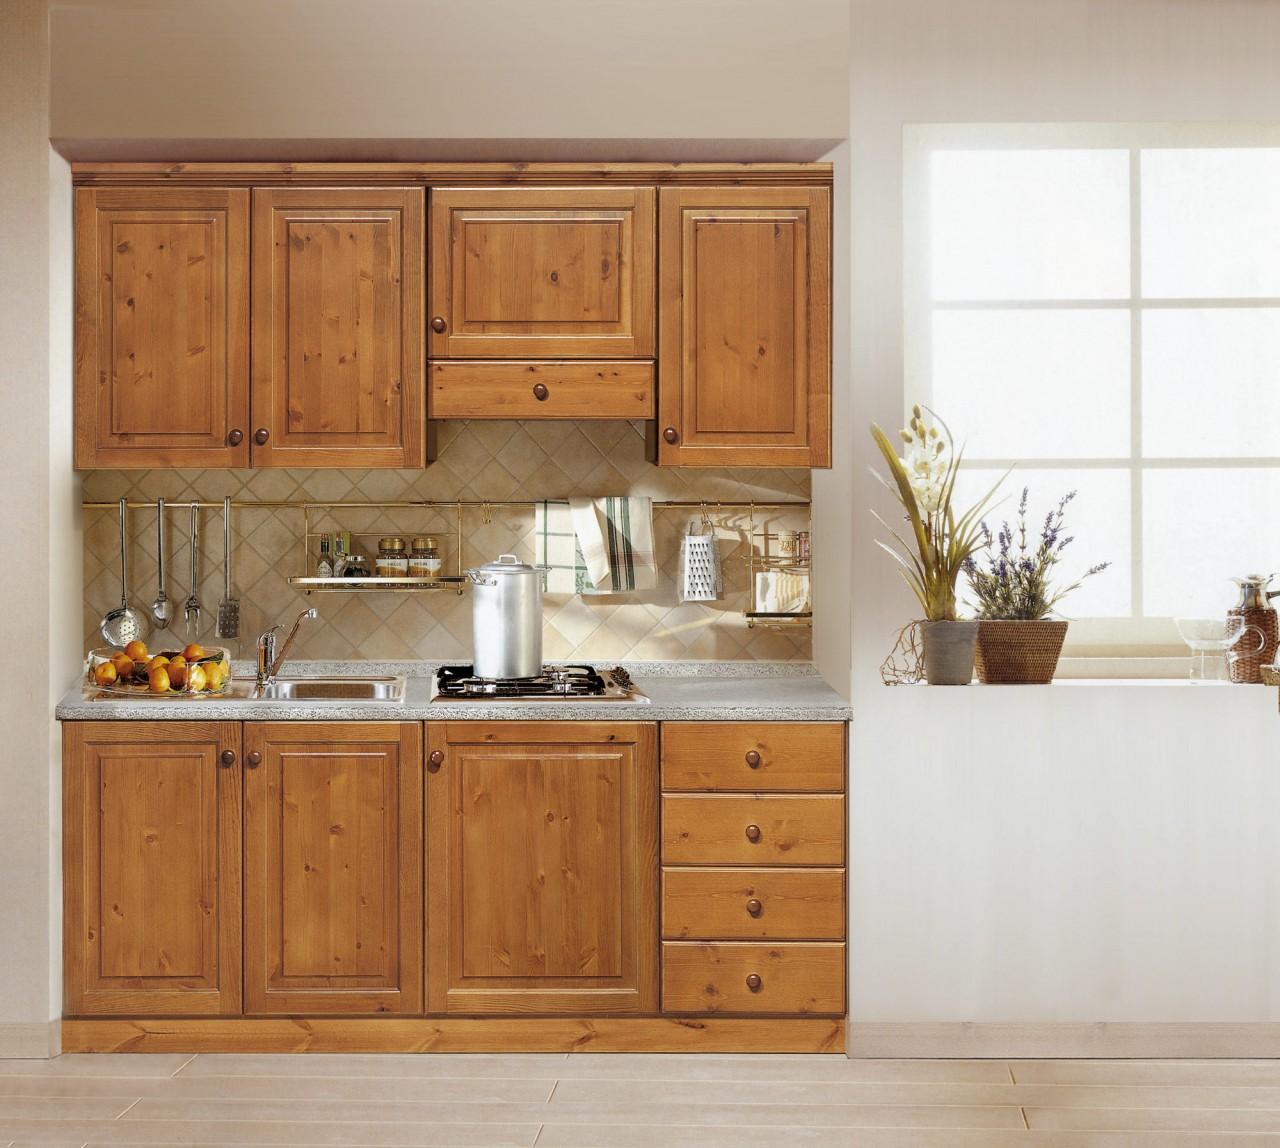 Cucine rustica, Composizione cucina 195, Arredamenti Rustici